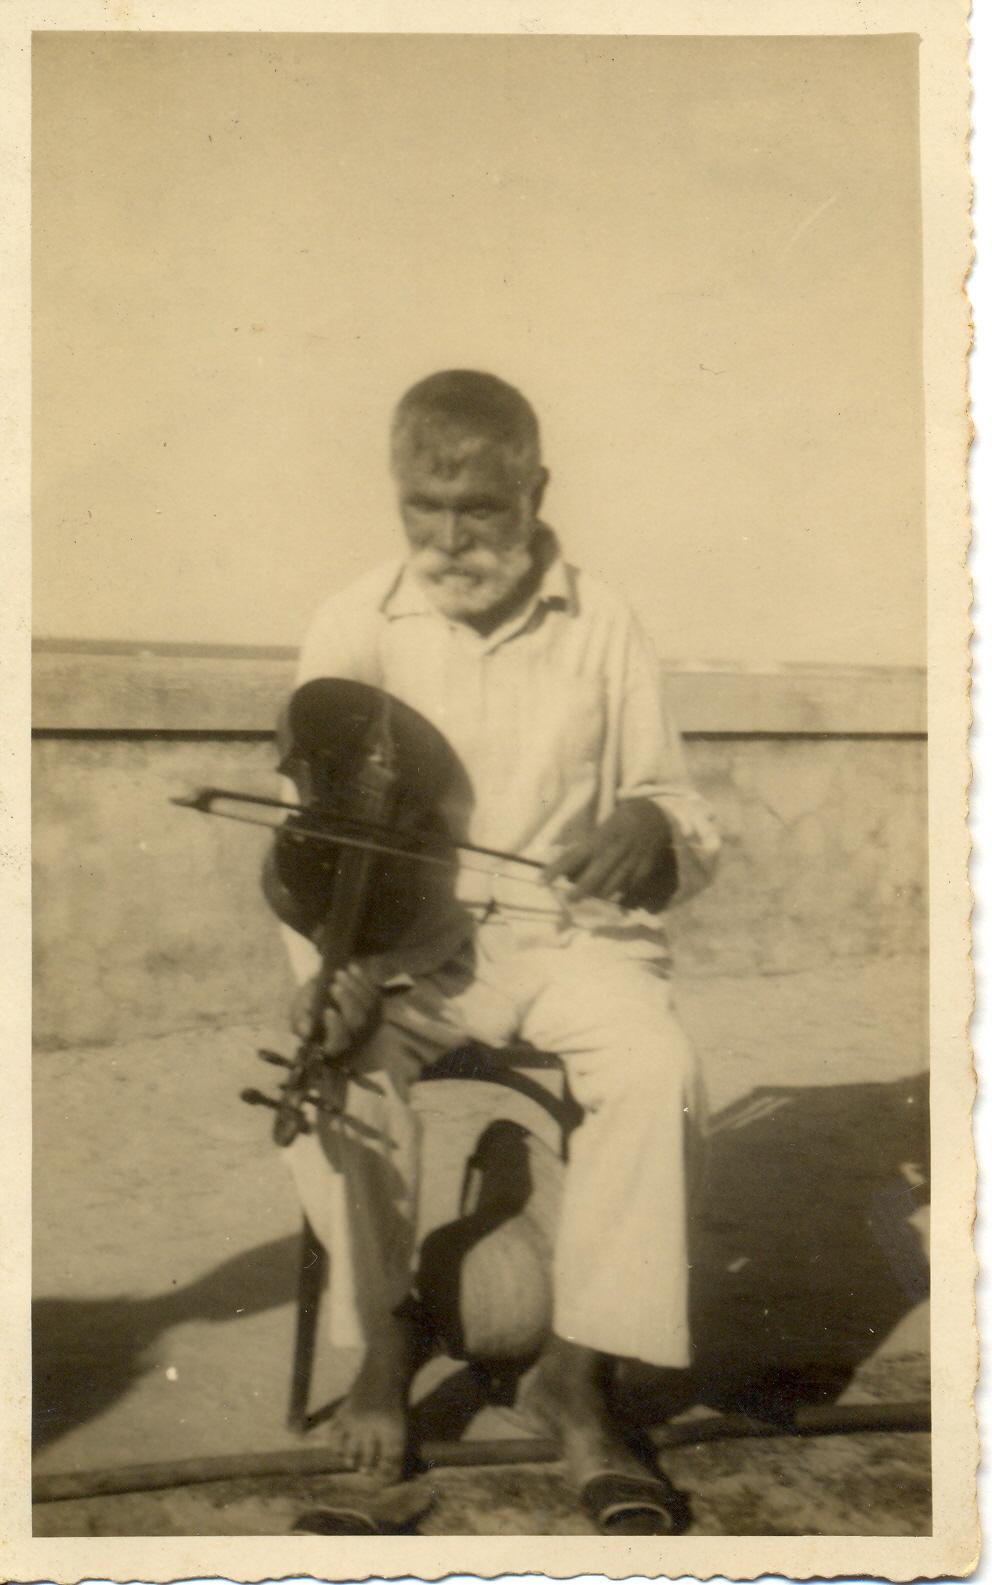 Foto: Luiz Heitor Corrêa de Azevedo, 1943. Laboratório de Etnomusicologia/UFRJ, Coleção LHCA.